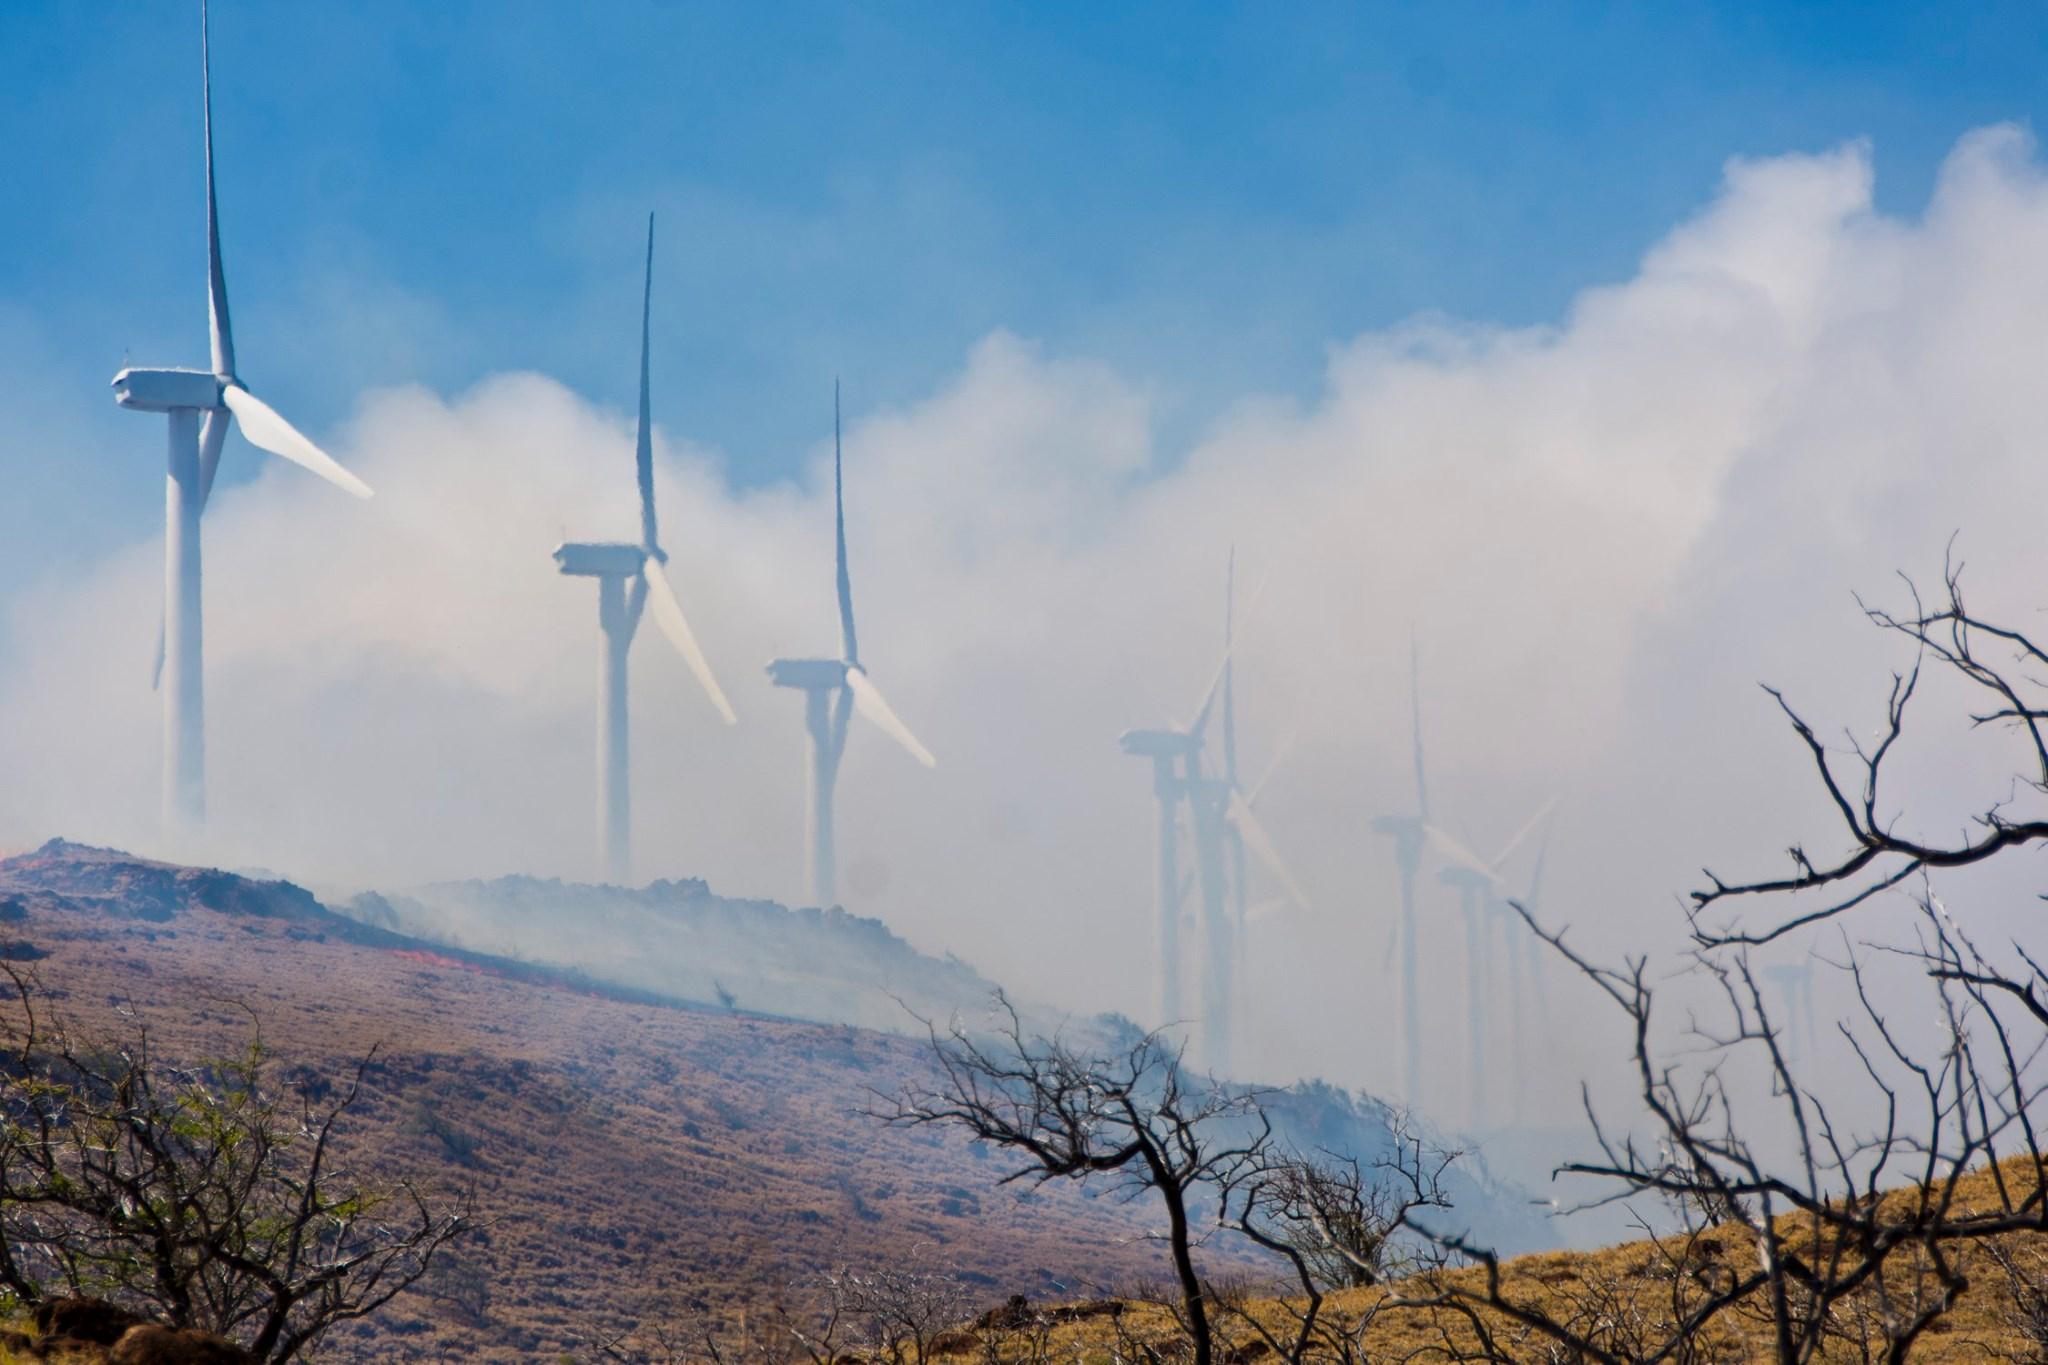 Mā'alaea Mauka Wildfire on Maui 70% Contained